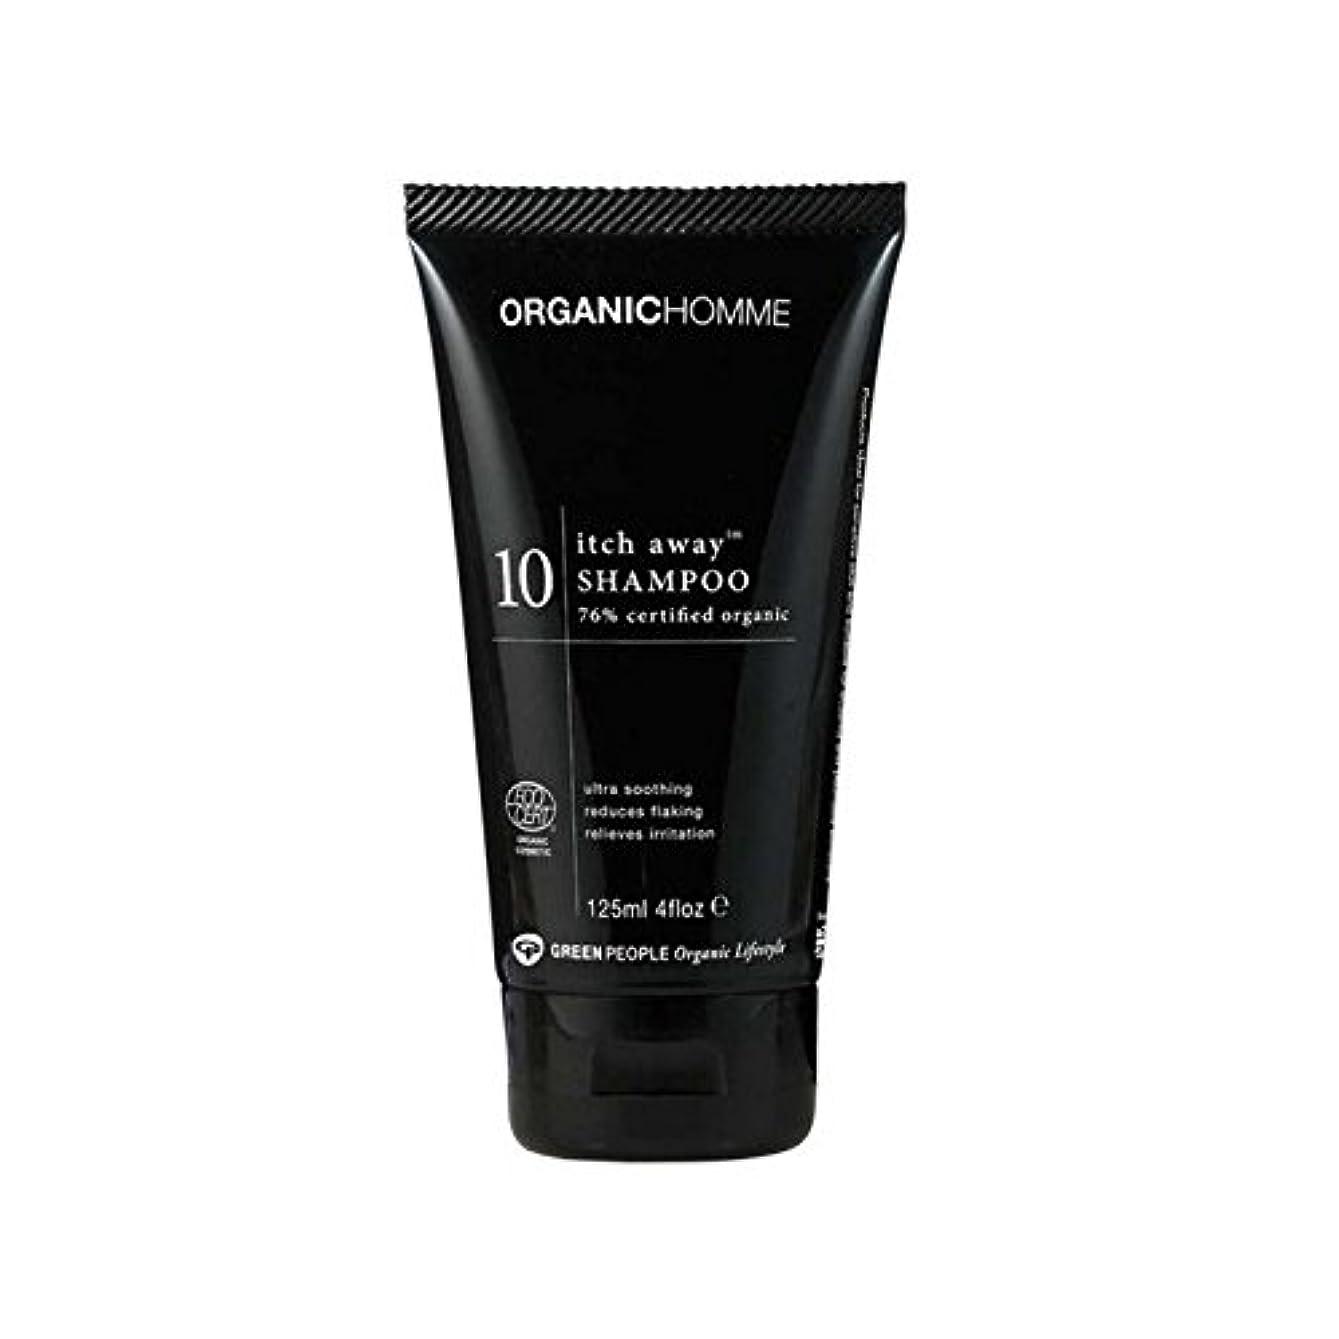 マート無効バイバイGreen People Organic Homme 10 Itch Away Shampoo (125ml) - 緑の人々の有機オム10かゆみ離れシャンプー(125ミリリットル) [並行輸入品]